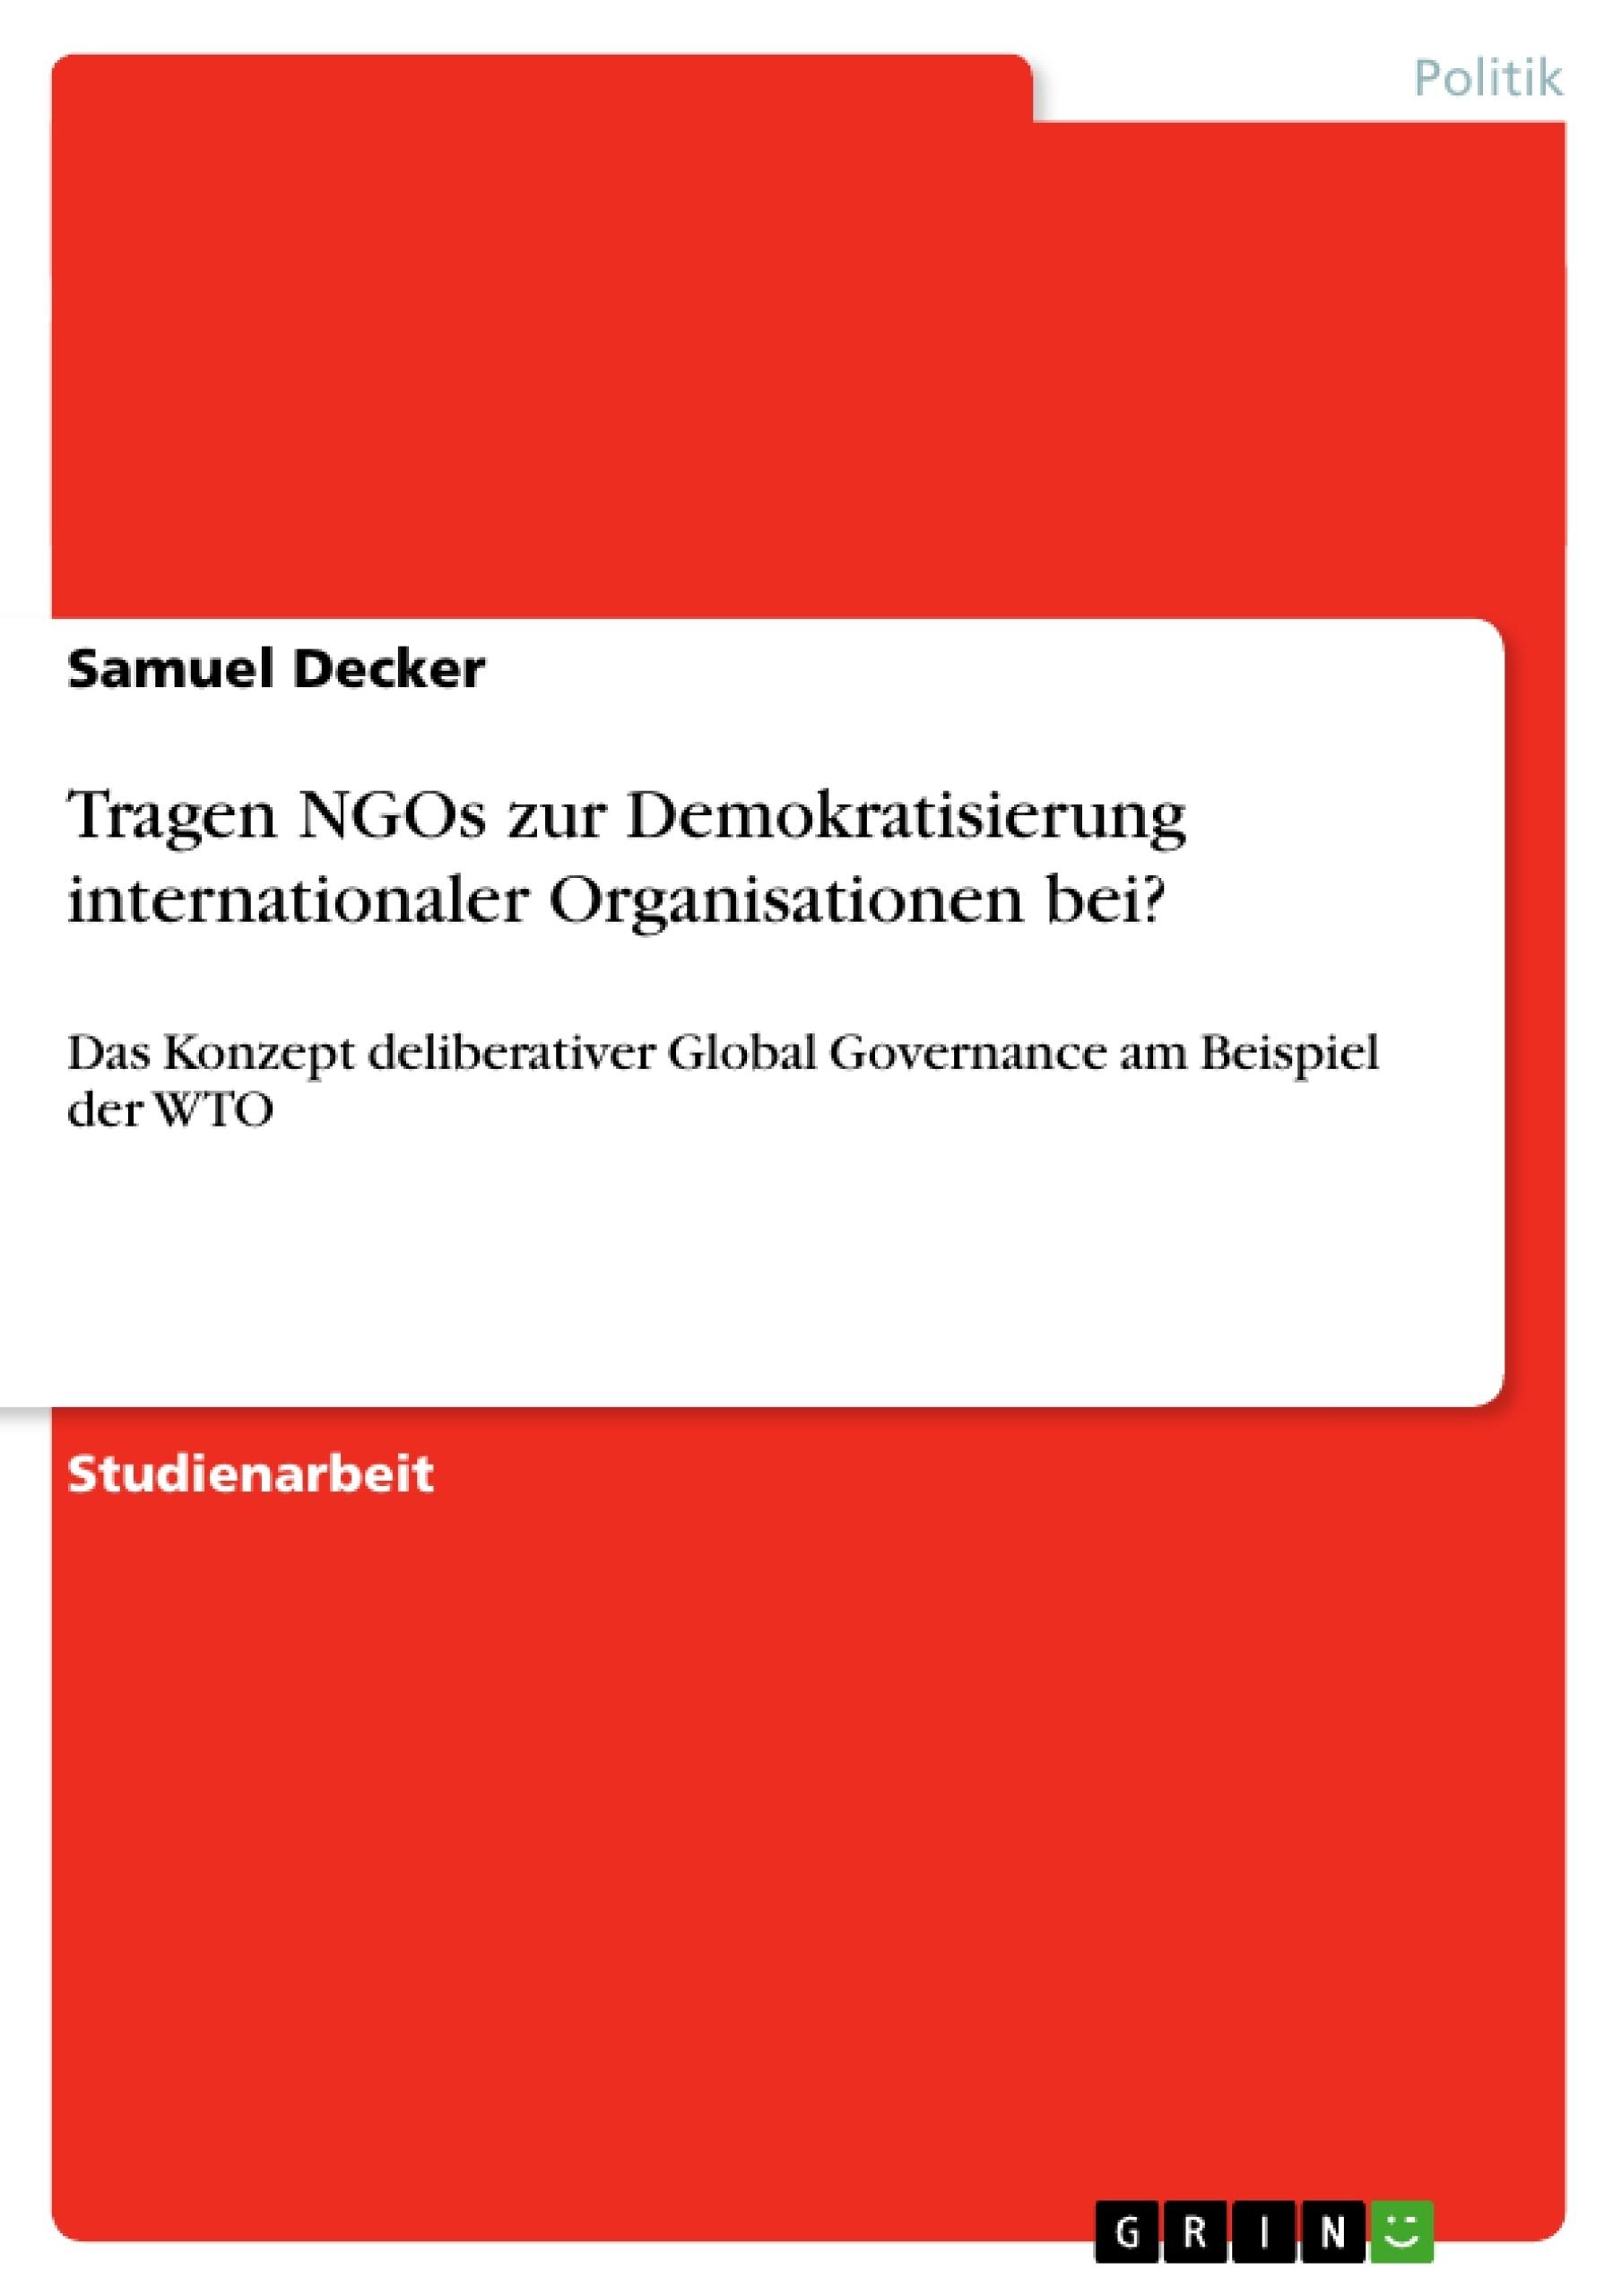 Titel: Tragen NGOs zur Demokratisierung internationaler Organisationen bei?